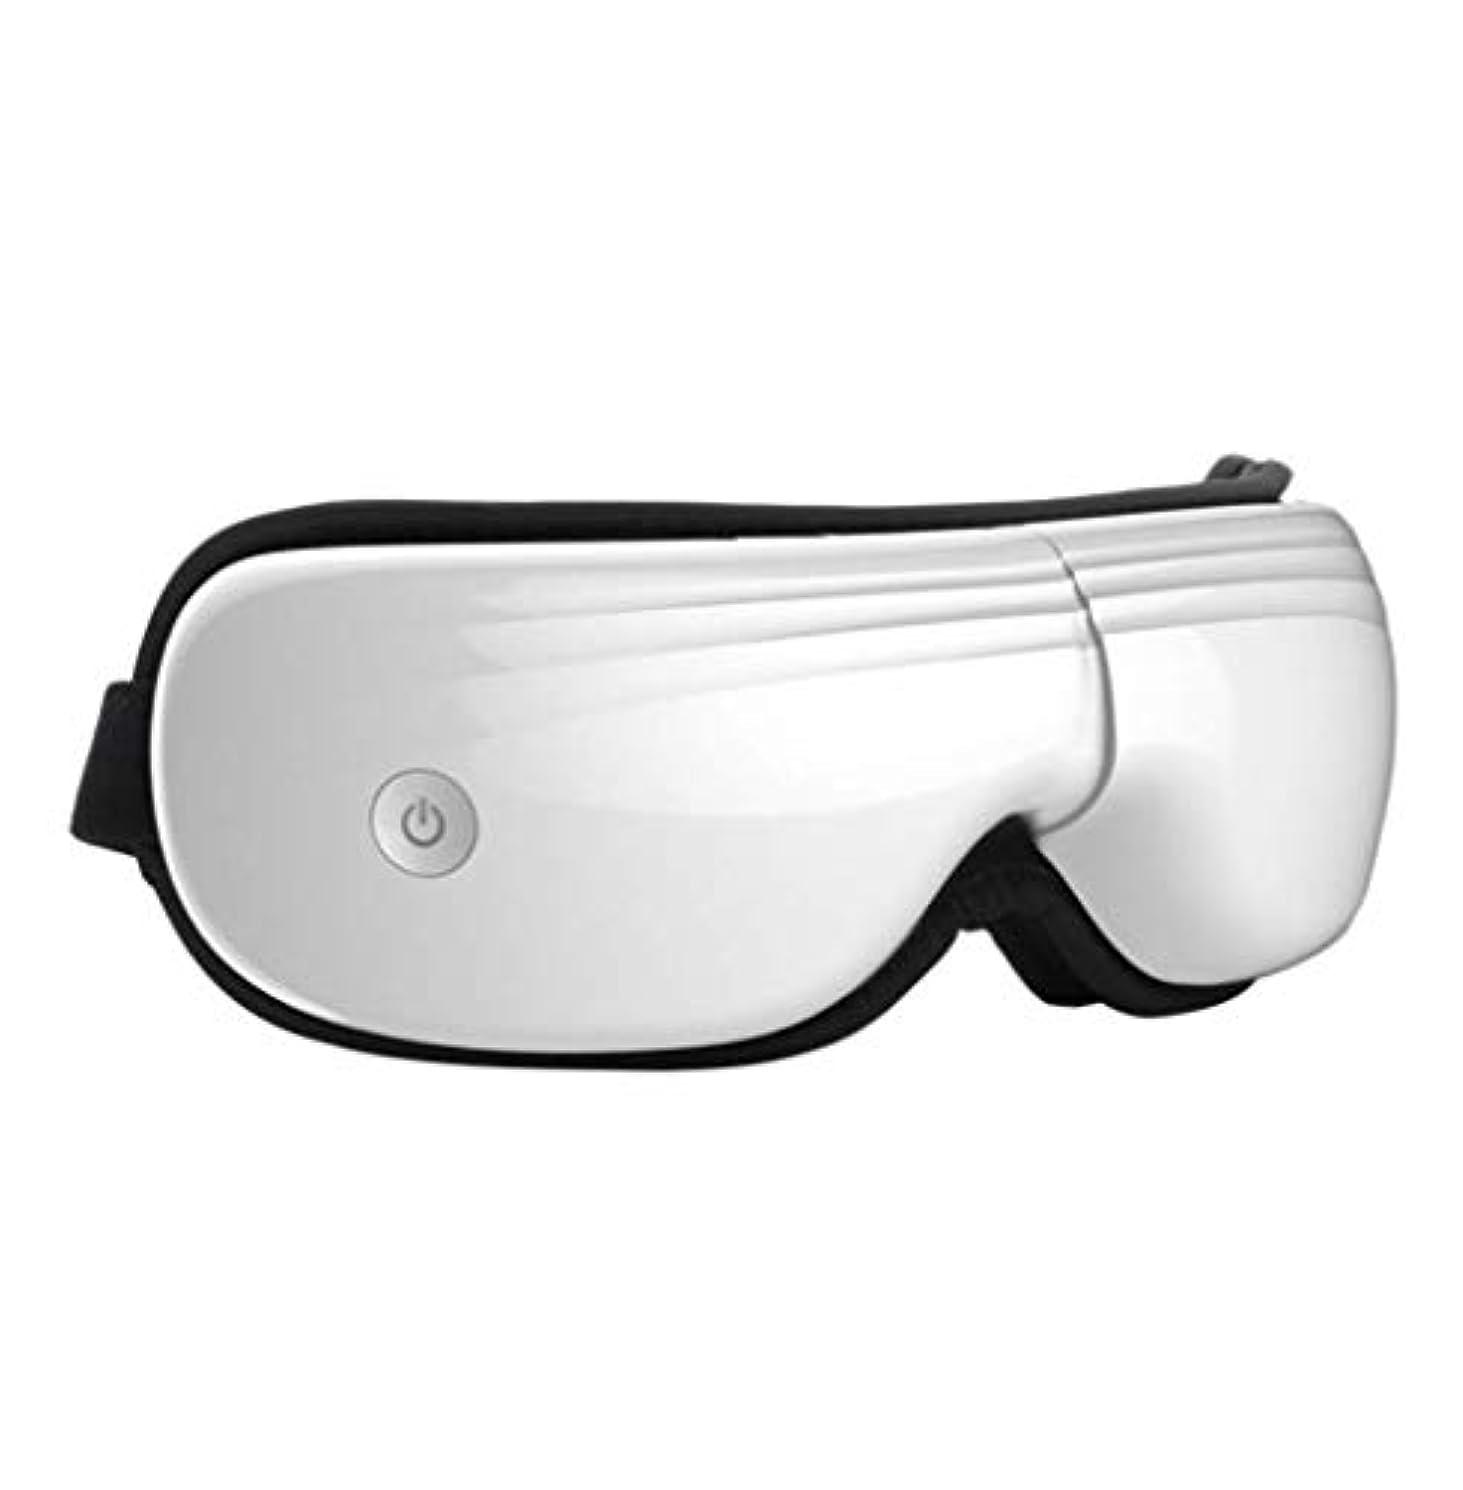 数値失礼きょうだいアイマッサージャー、充電式ポータブルアイマッサージツール、スマート、音楽リラクゼーション、暖房、振動、空気圧縮、視力保護、疲労回復、睡眠促進 (Color : 白)